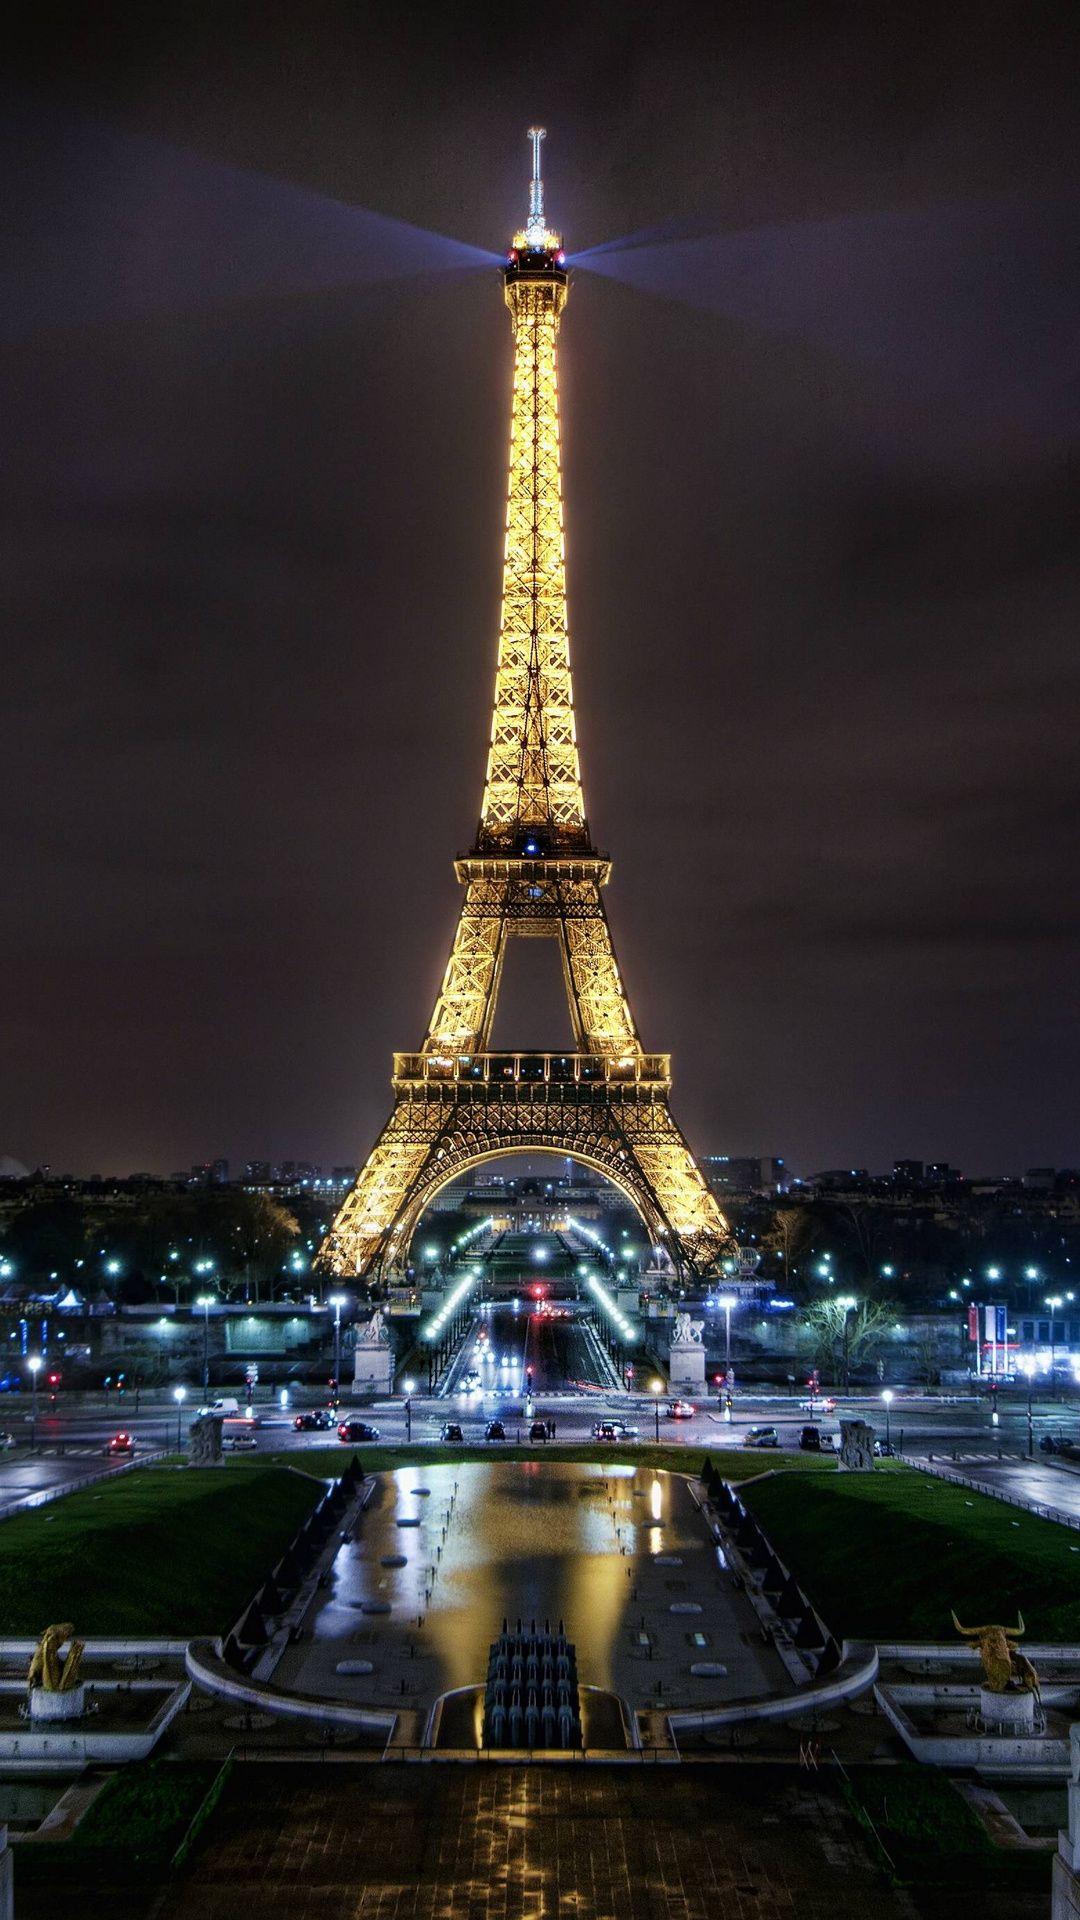 Eiffel Tower Mobile Hd Wallpaper Full hd eiffel tower wallpaper hd 1080p